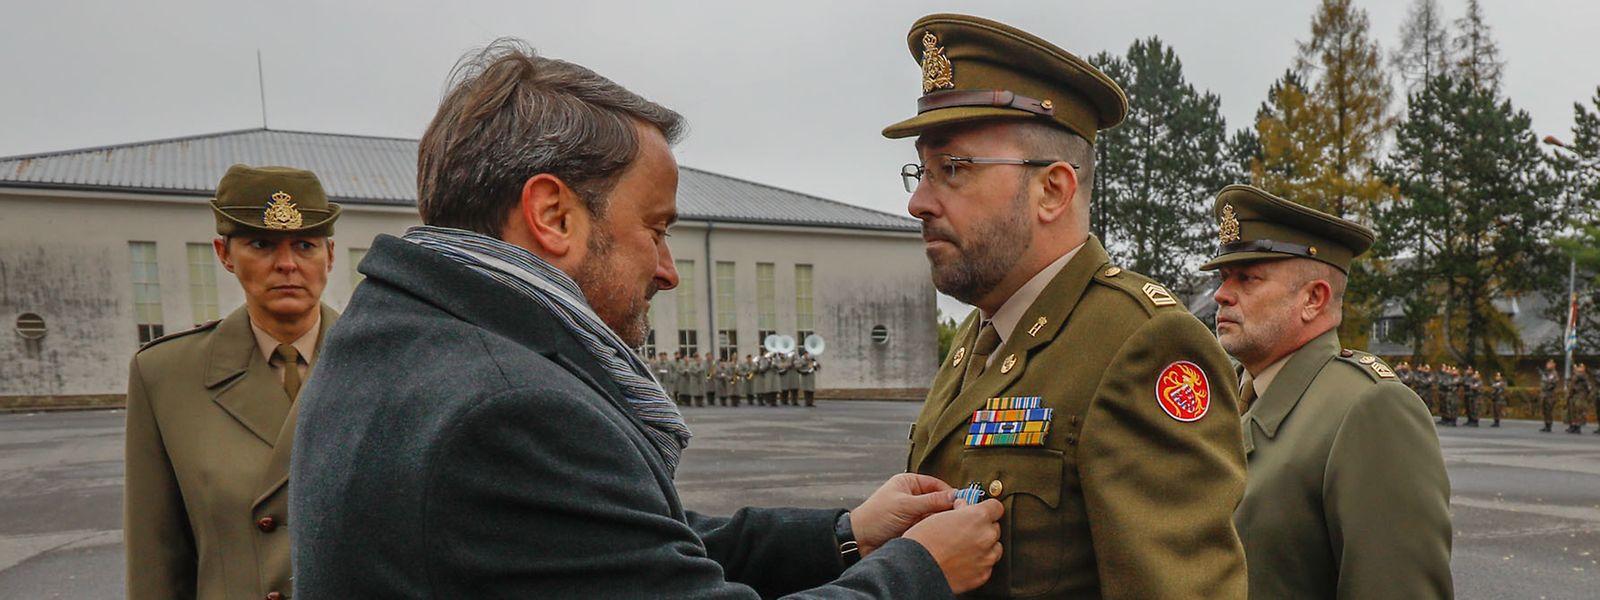 Le Premier ministre, Xavier Bettel remet à l'adjudant-chef John Lanser la Croix d'Honneur et de Mérite militaire.